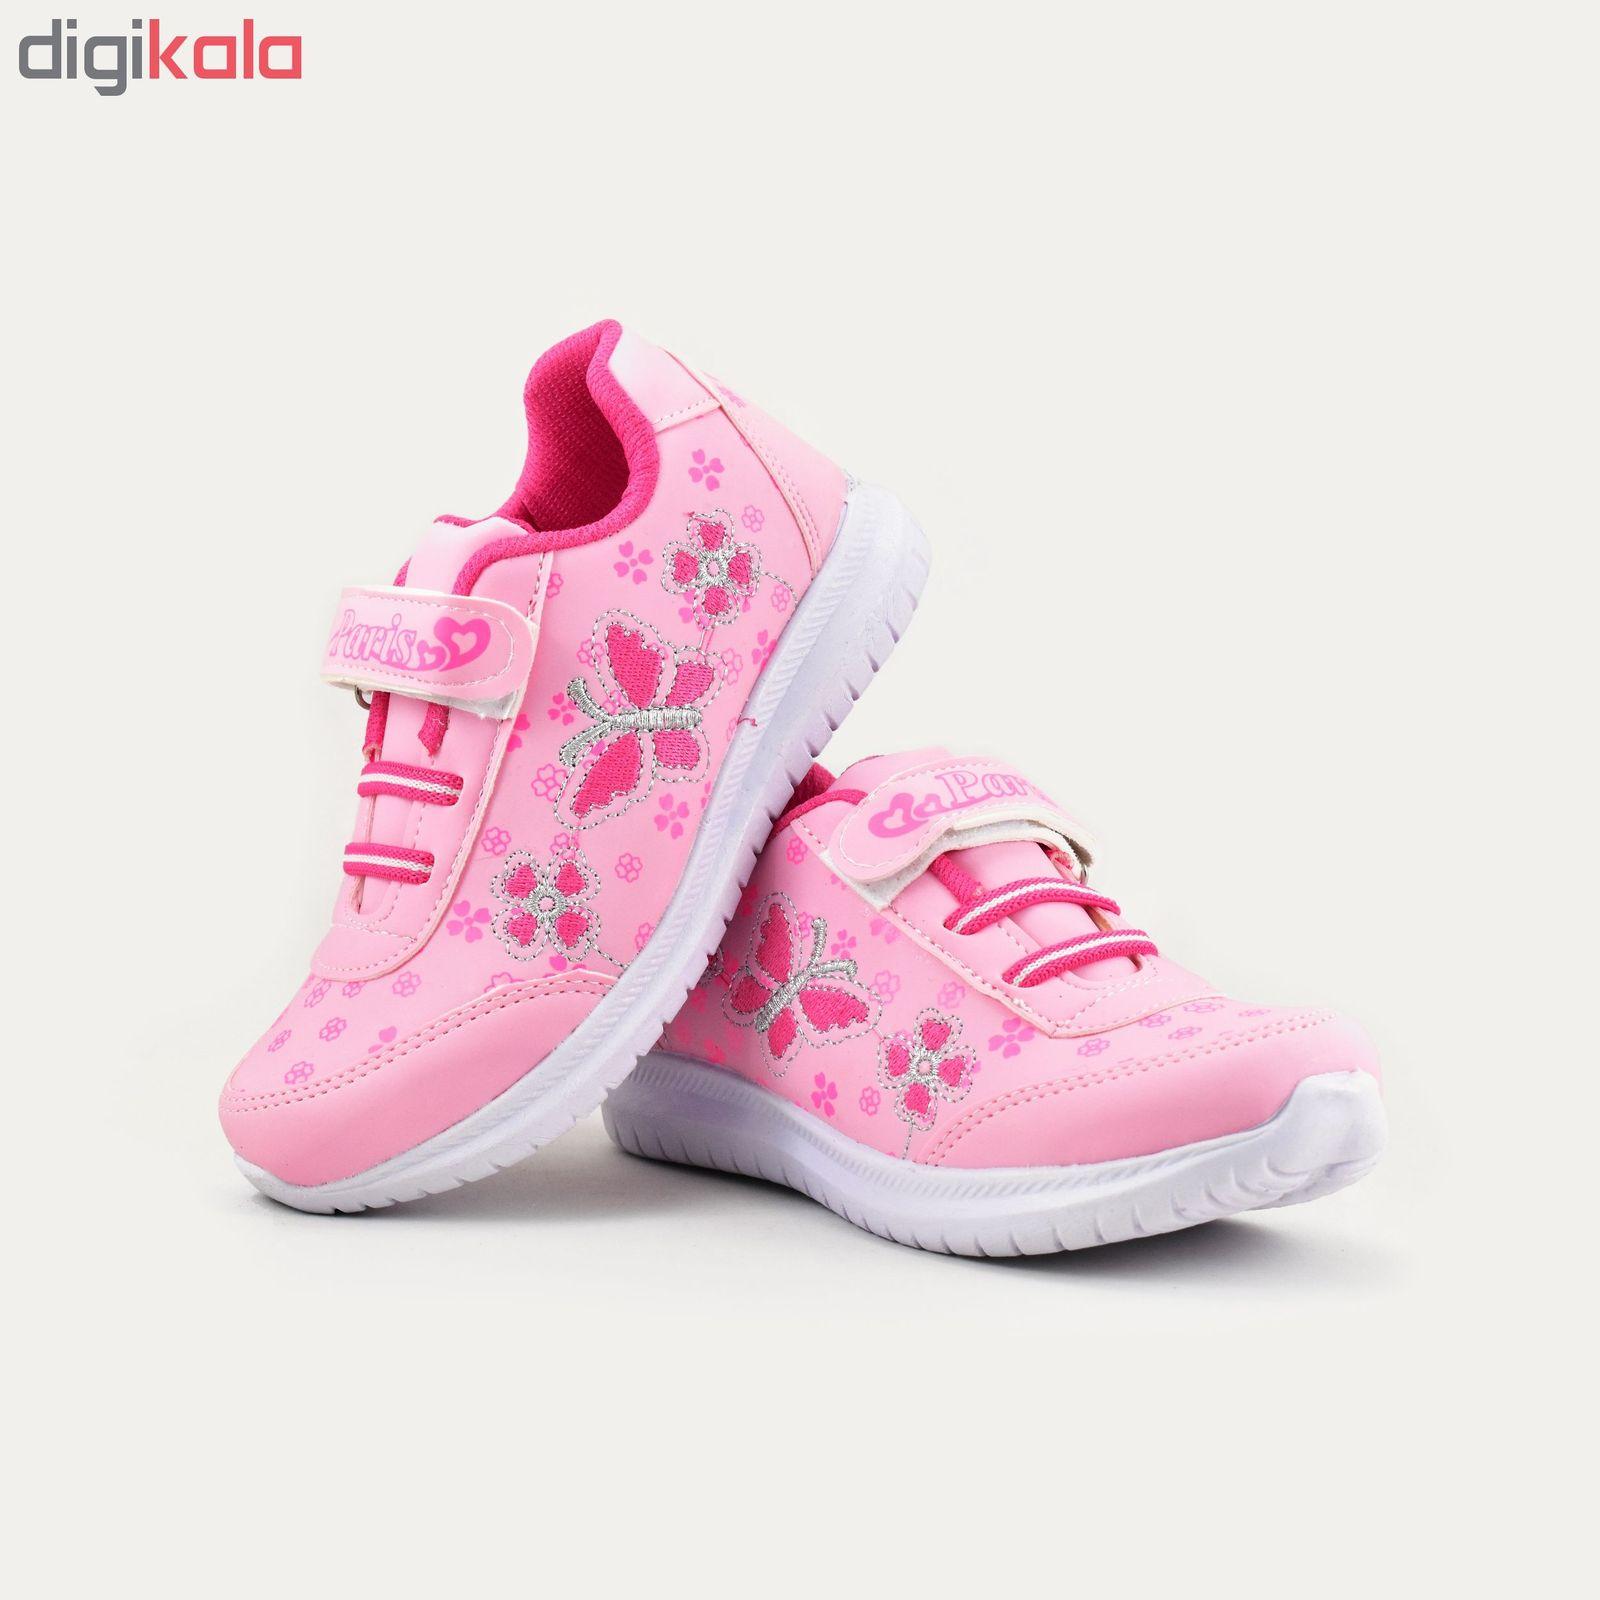 کفش ورزشی دخترانه طرح پروانه کد 4444 main 1 4